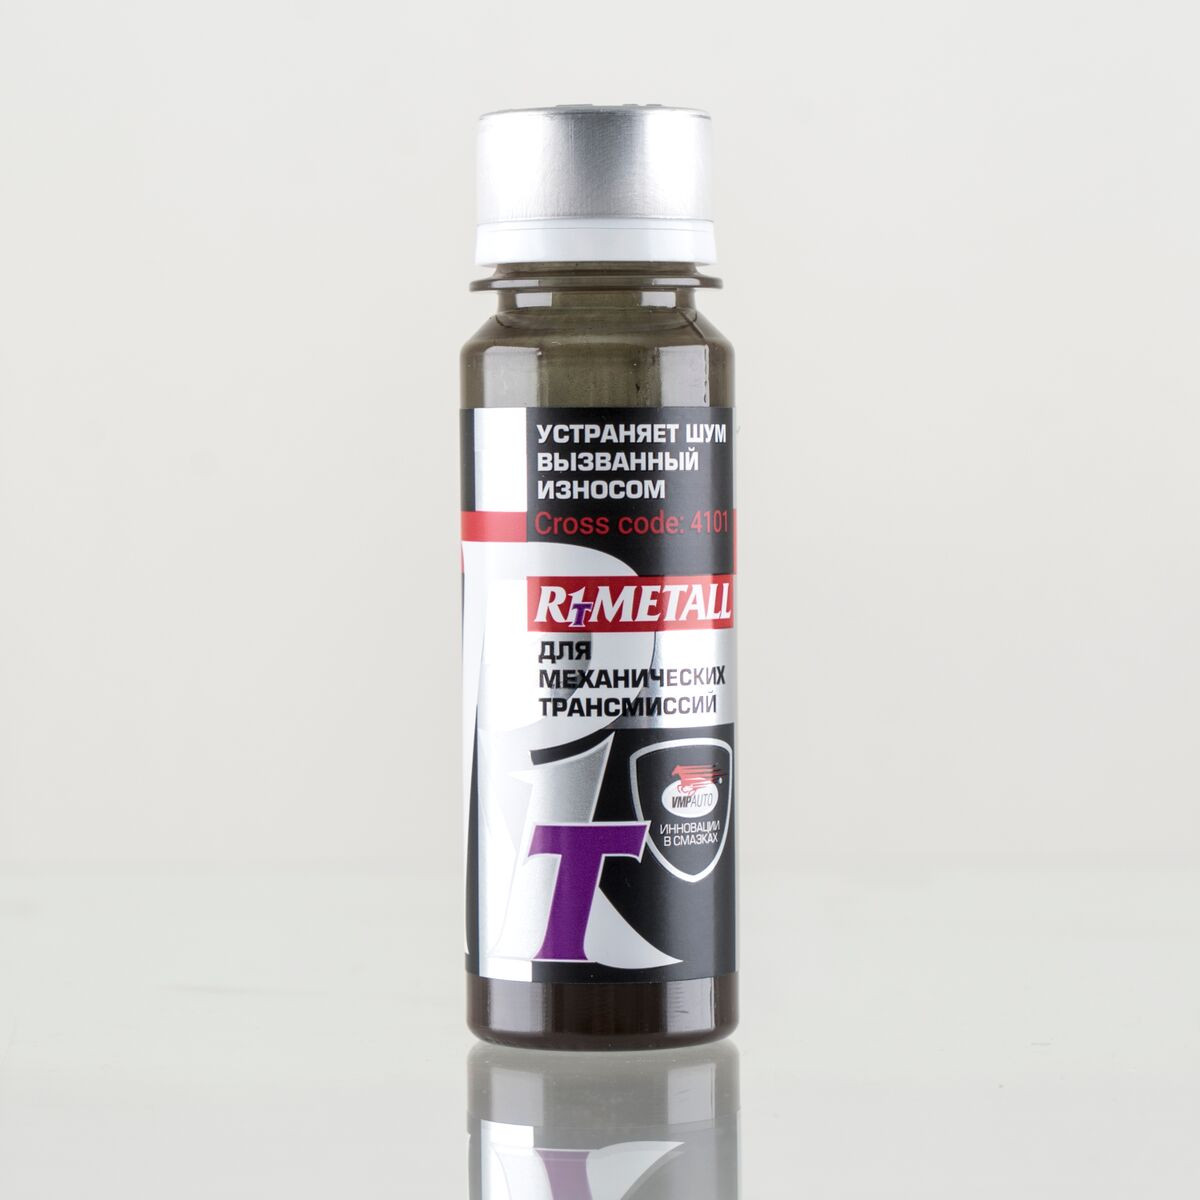 R1 Metall-Т – для профилактики износа и восстановление механических трансмиссий, 50 г.